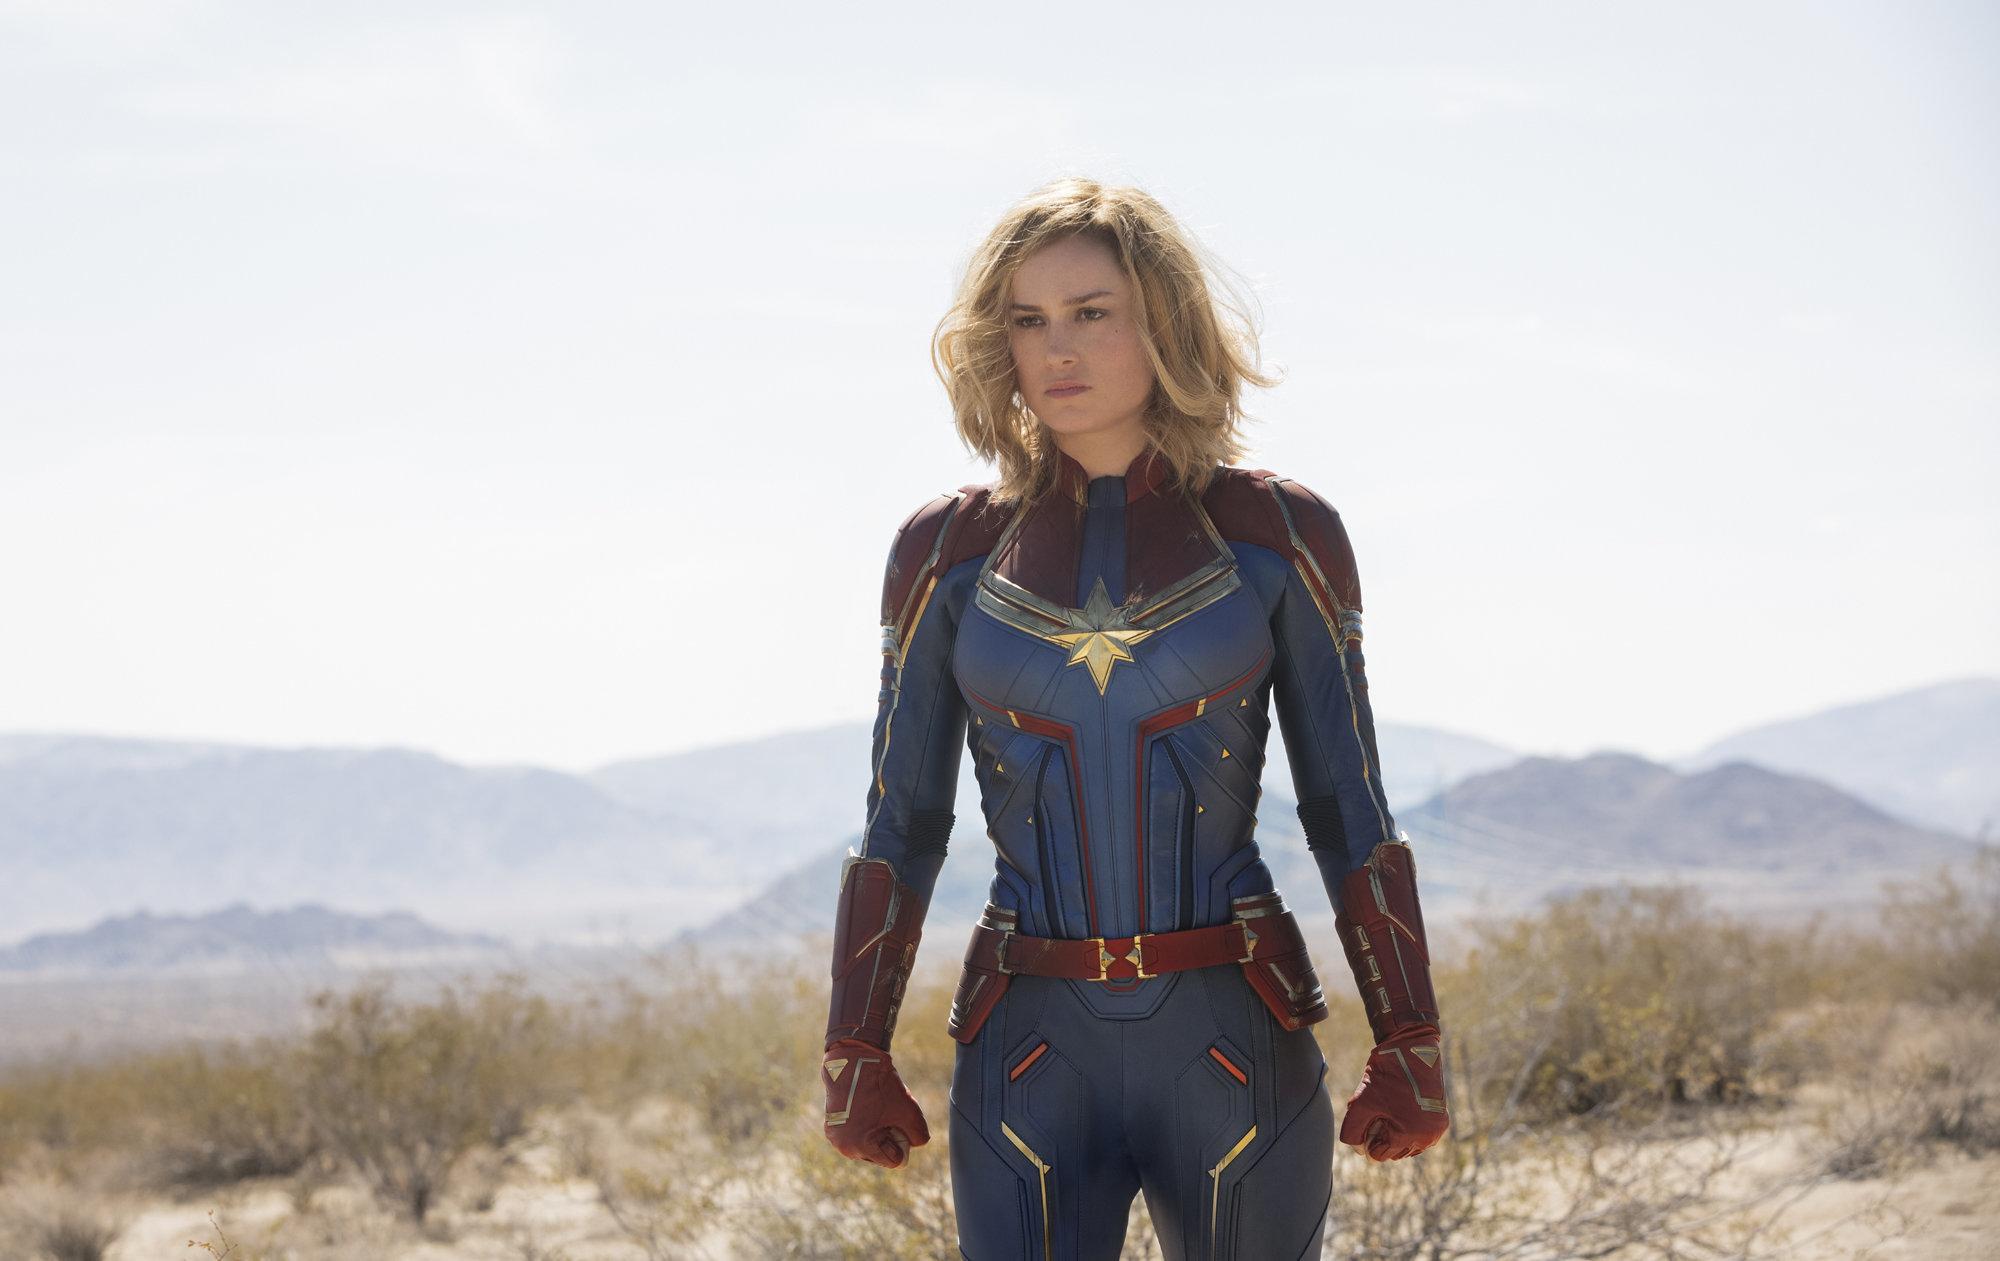 '캡틴 마블'이 개봉 12일 만에 460만명을